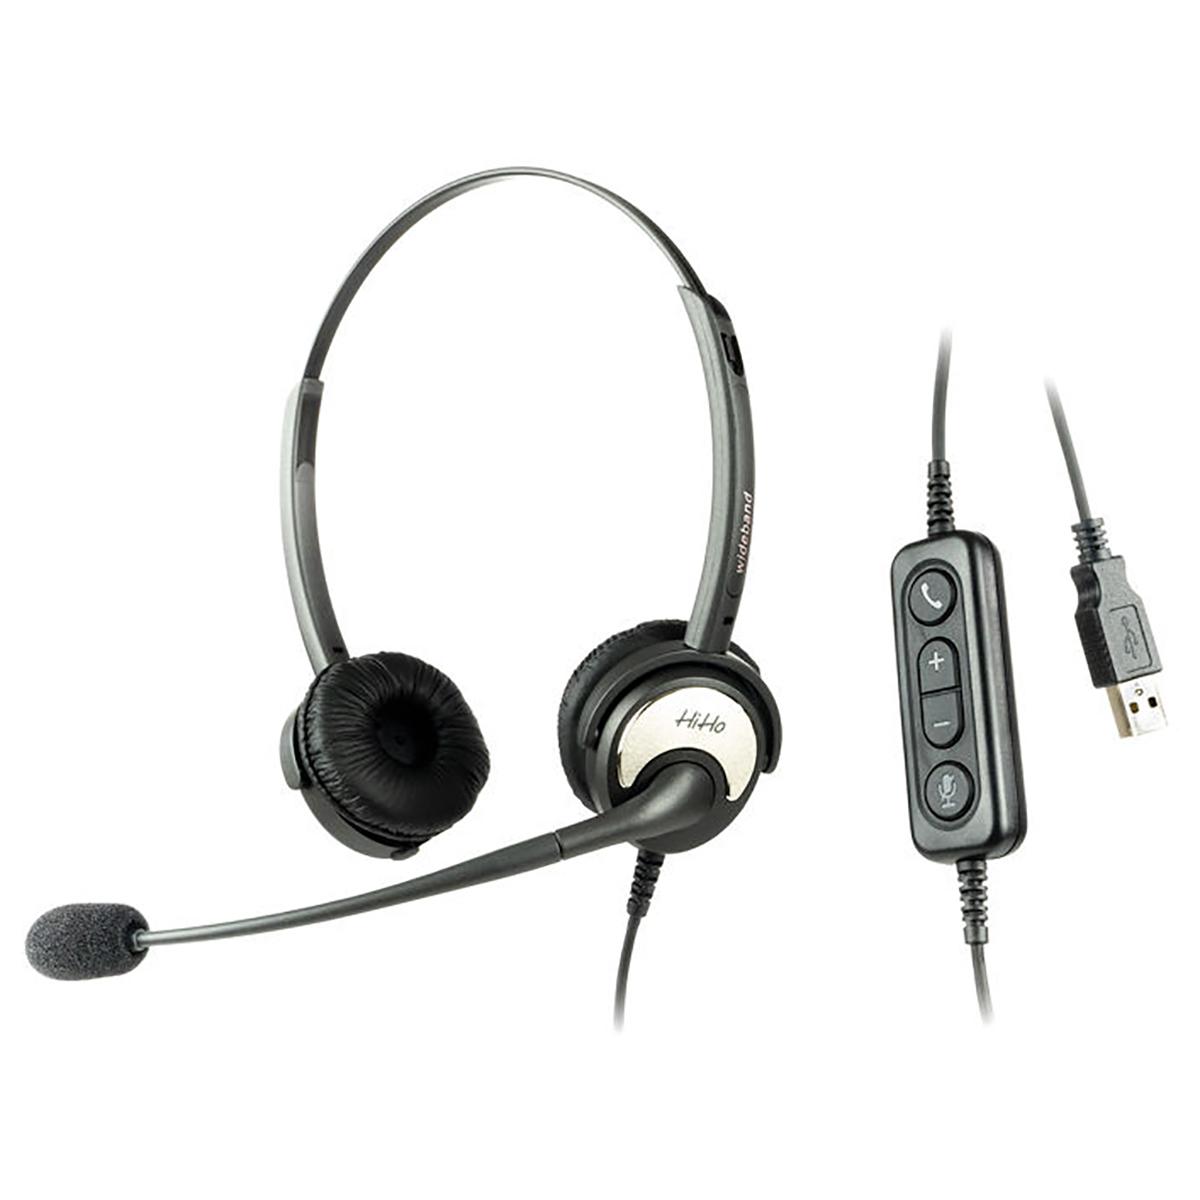 HiHo 250U Binaural USB Headset with Boom Mic